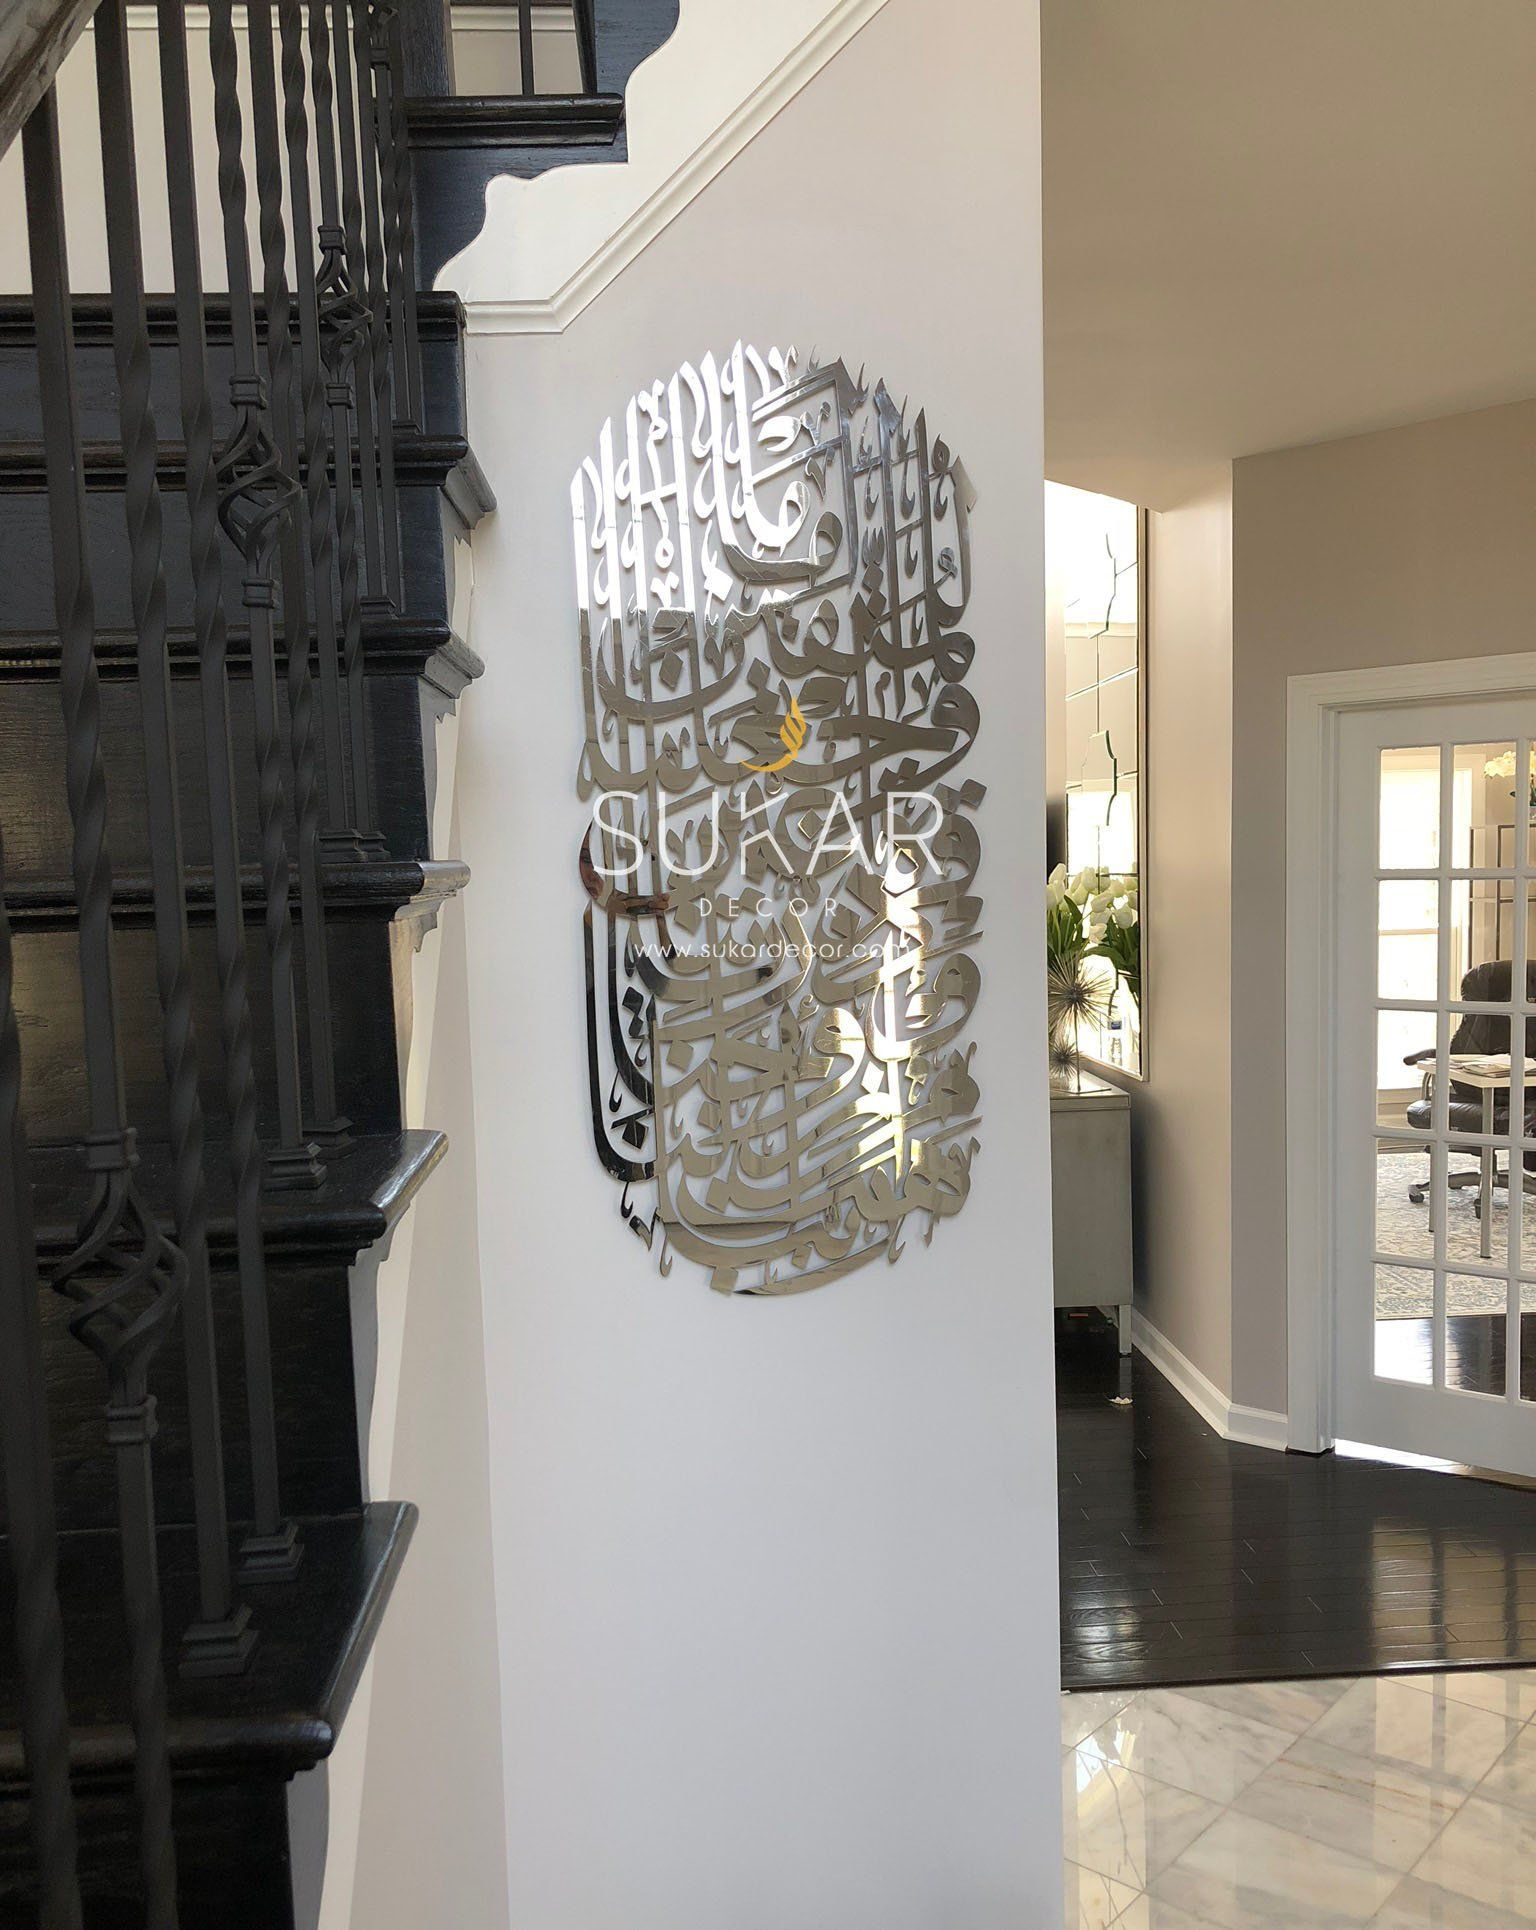 Modern Islamic Wall Art Duaa Stainless Steel Islamic Decor Etsy In 2021 Islamic Wall Art Islamic Decor Modern Wall Decor